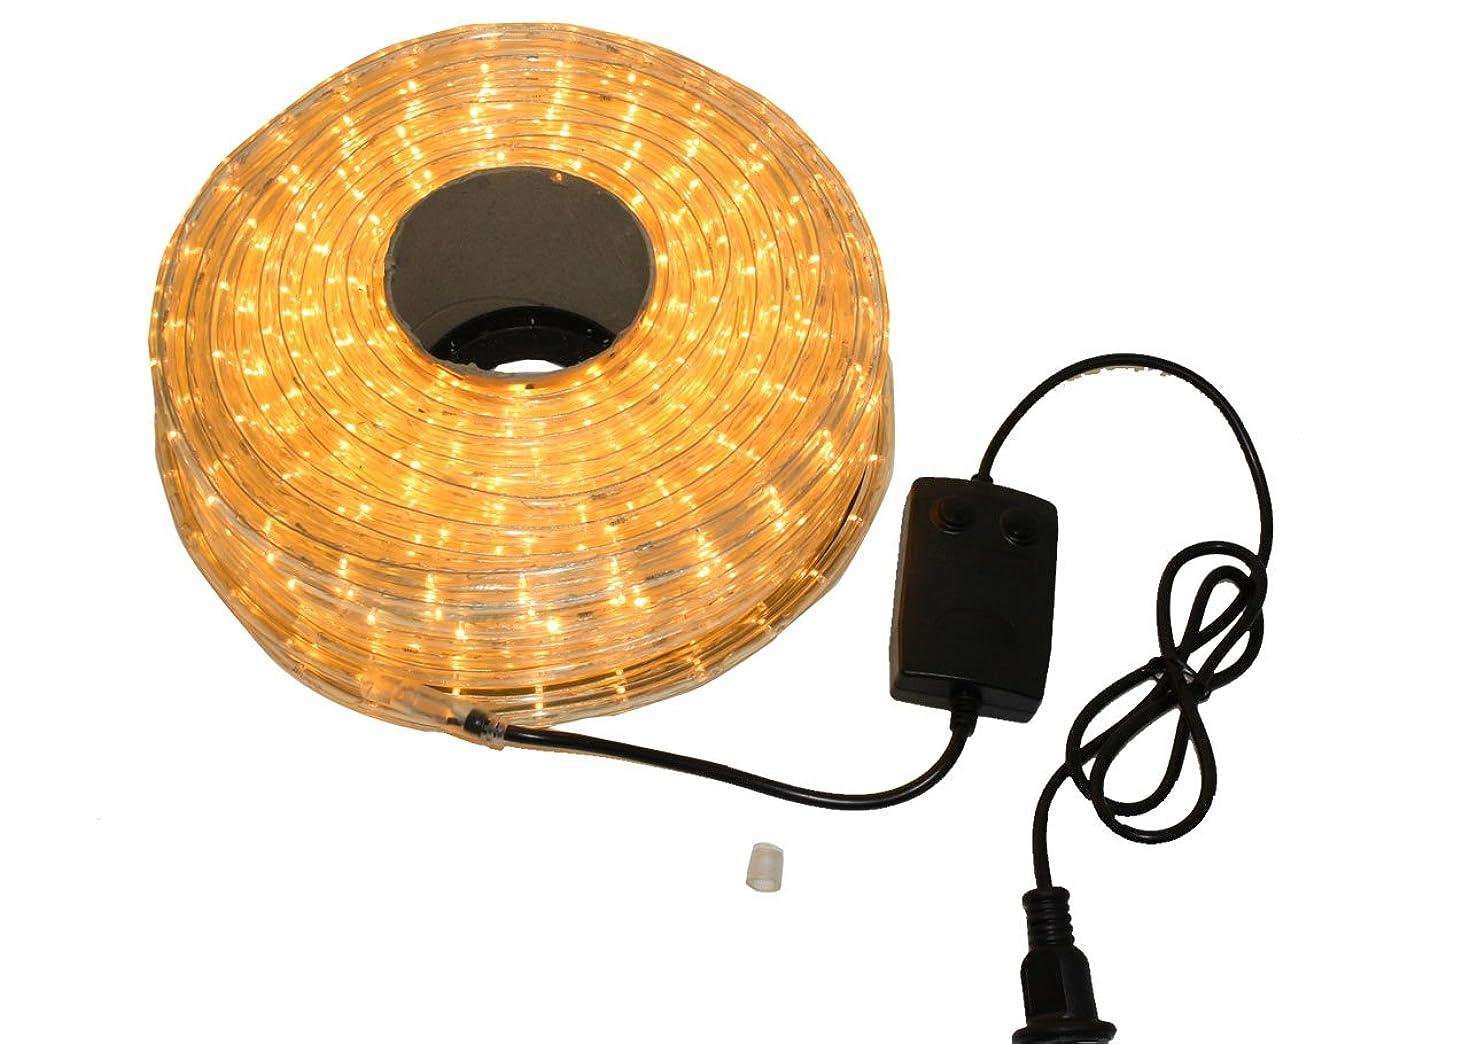 困難プレーヤー抵抗するクリスマス イルミネーション 2芯 丸型 防水 ロープ ライト 1500 LED / 50m ゴールド 28種類 コントローラー セット